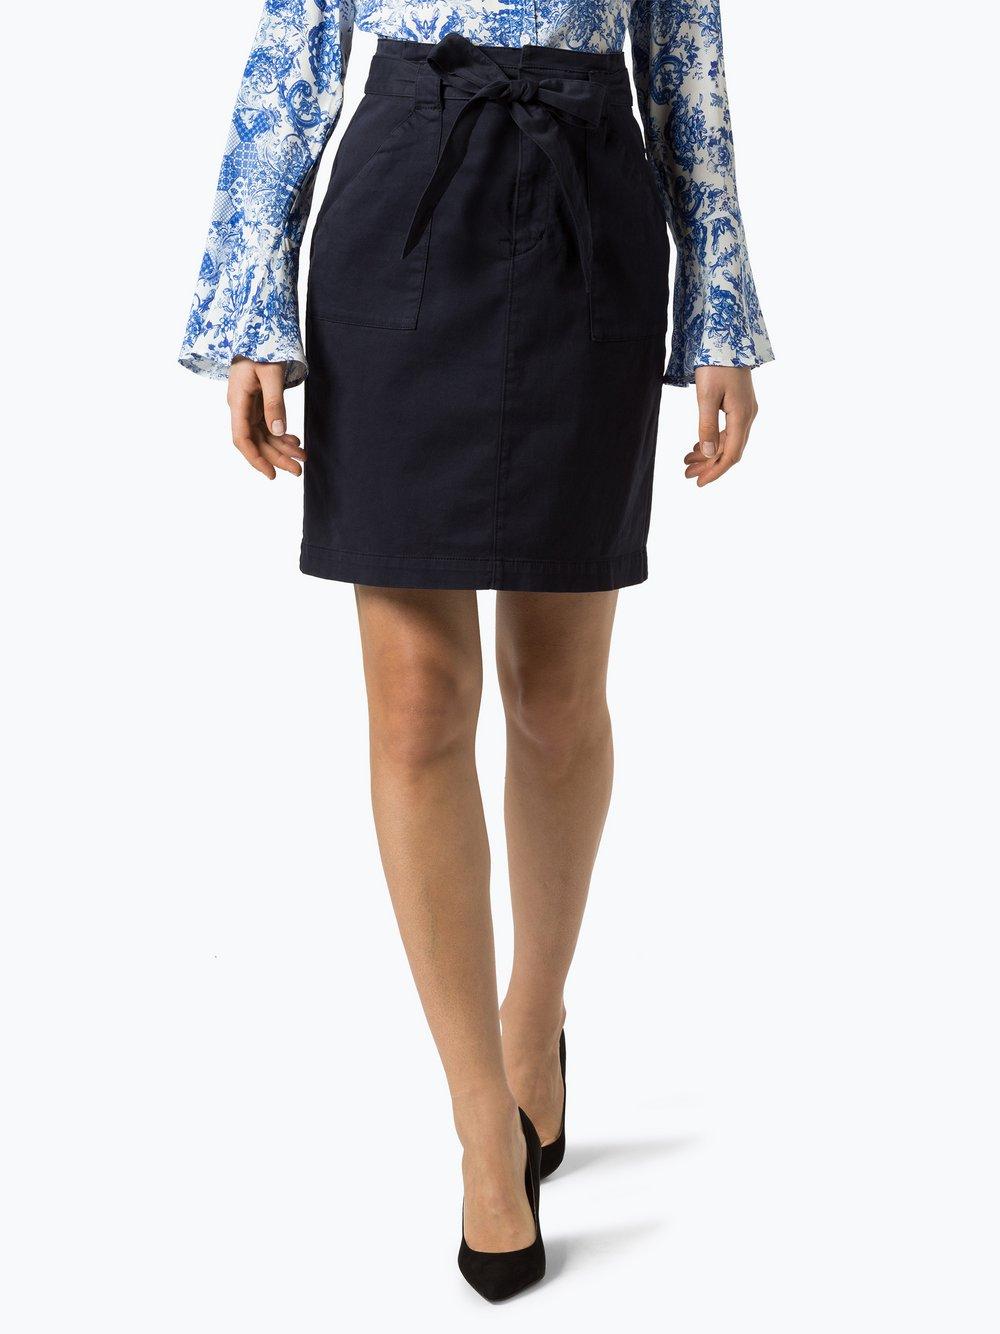 BOSS Casual – Damska spódnica – Bochiny-D, niebieski Van Graaf 422837-0002